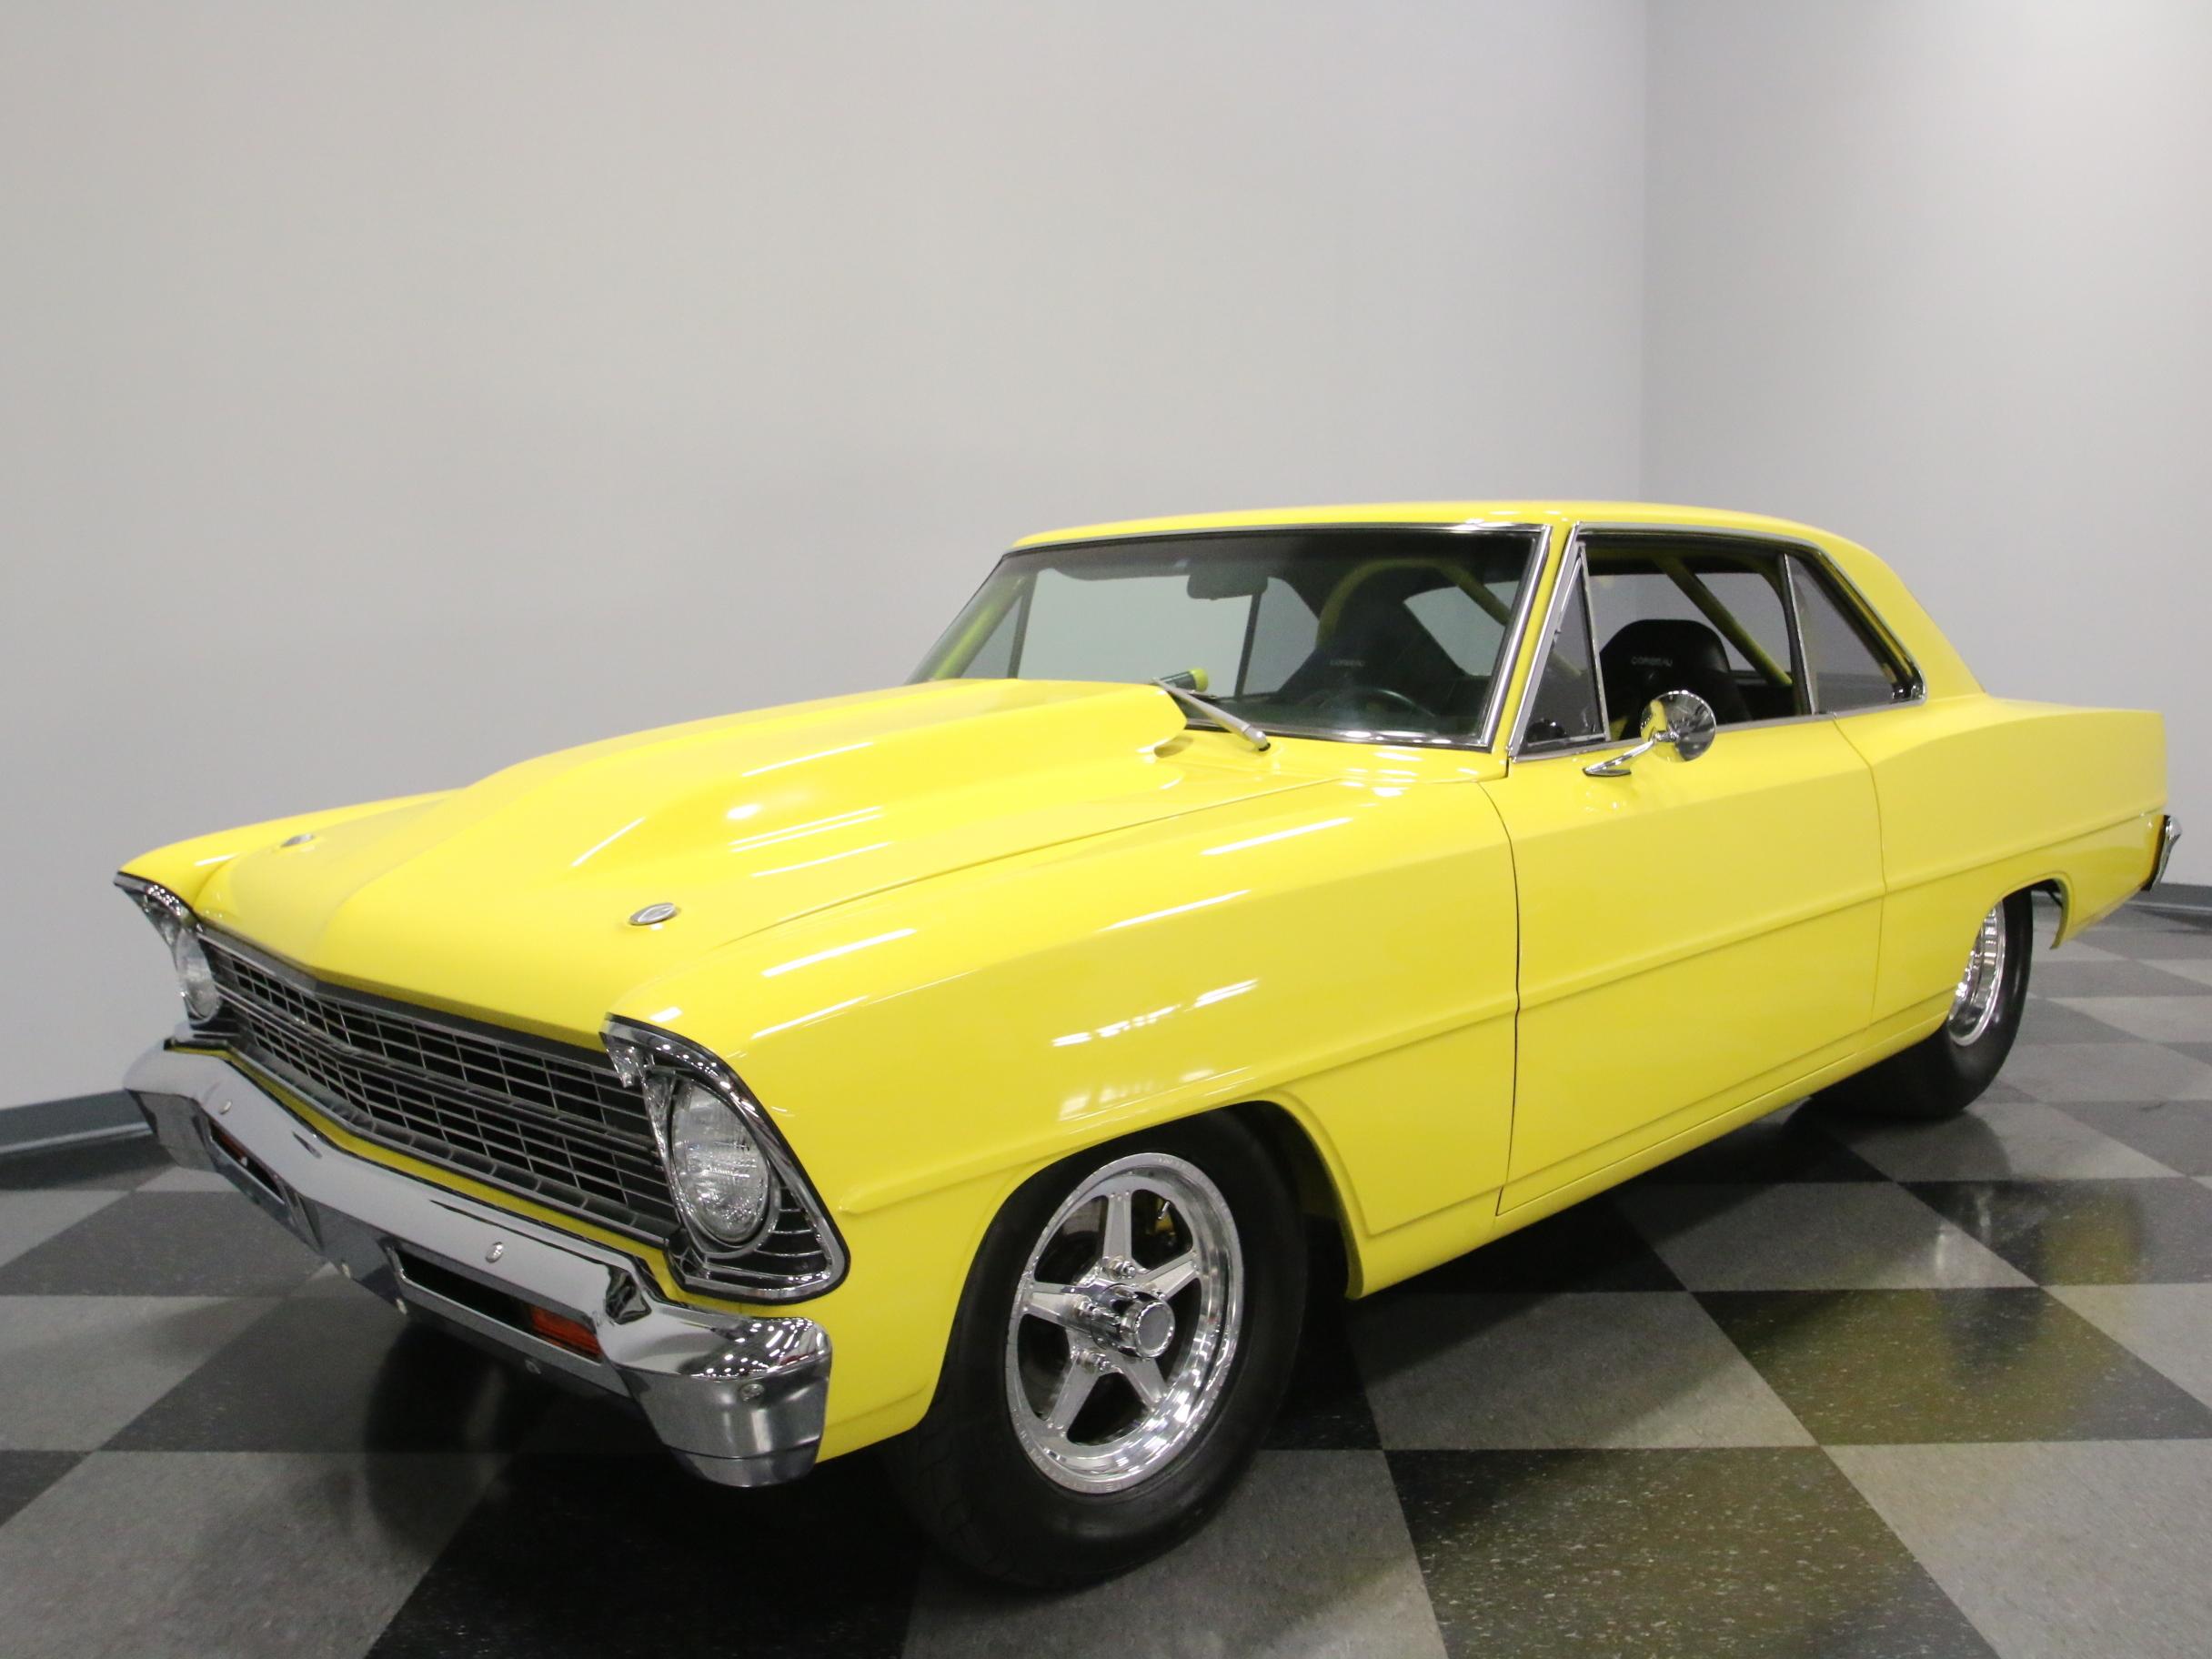 1967 Chevrolet Nova Pro Street | eBay